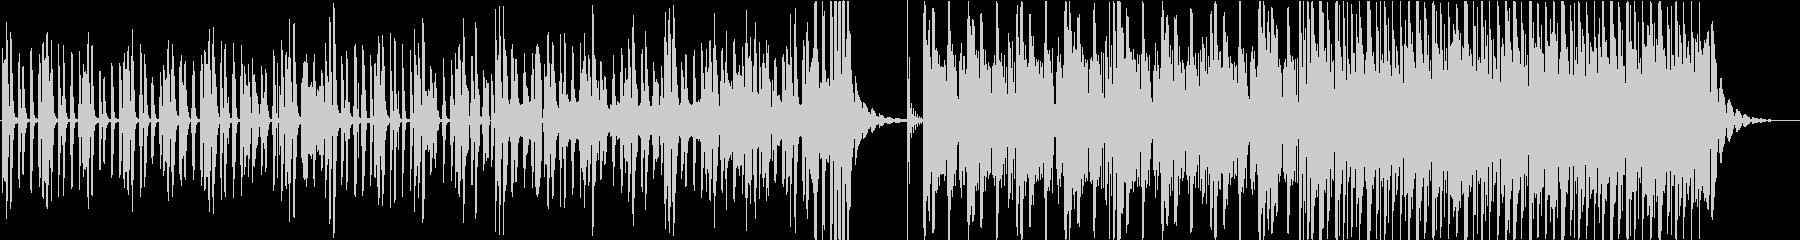 不思議で明るいピアノインストの未再生の波形